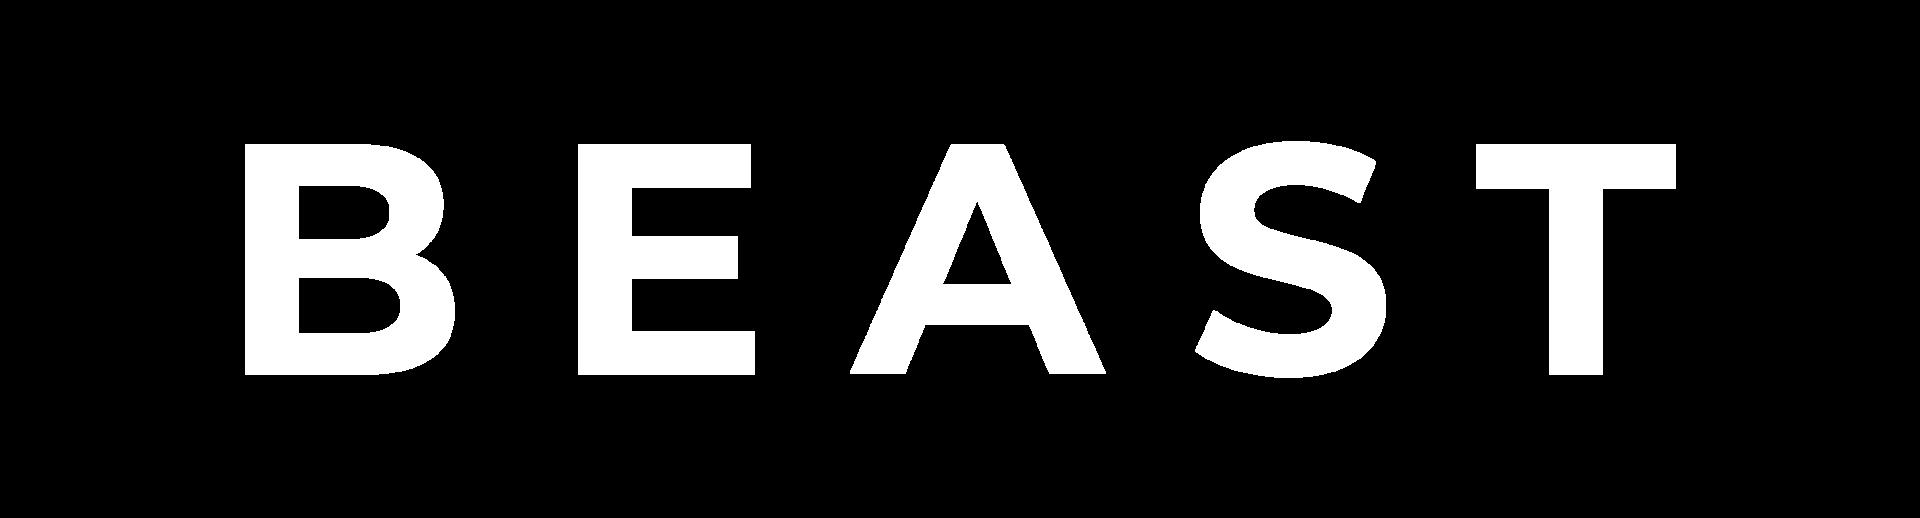 BEAST TESLA RENT